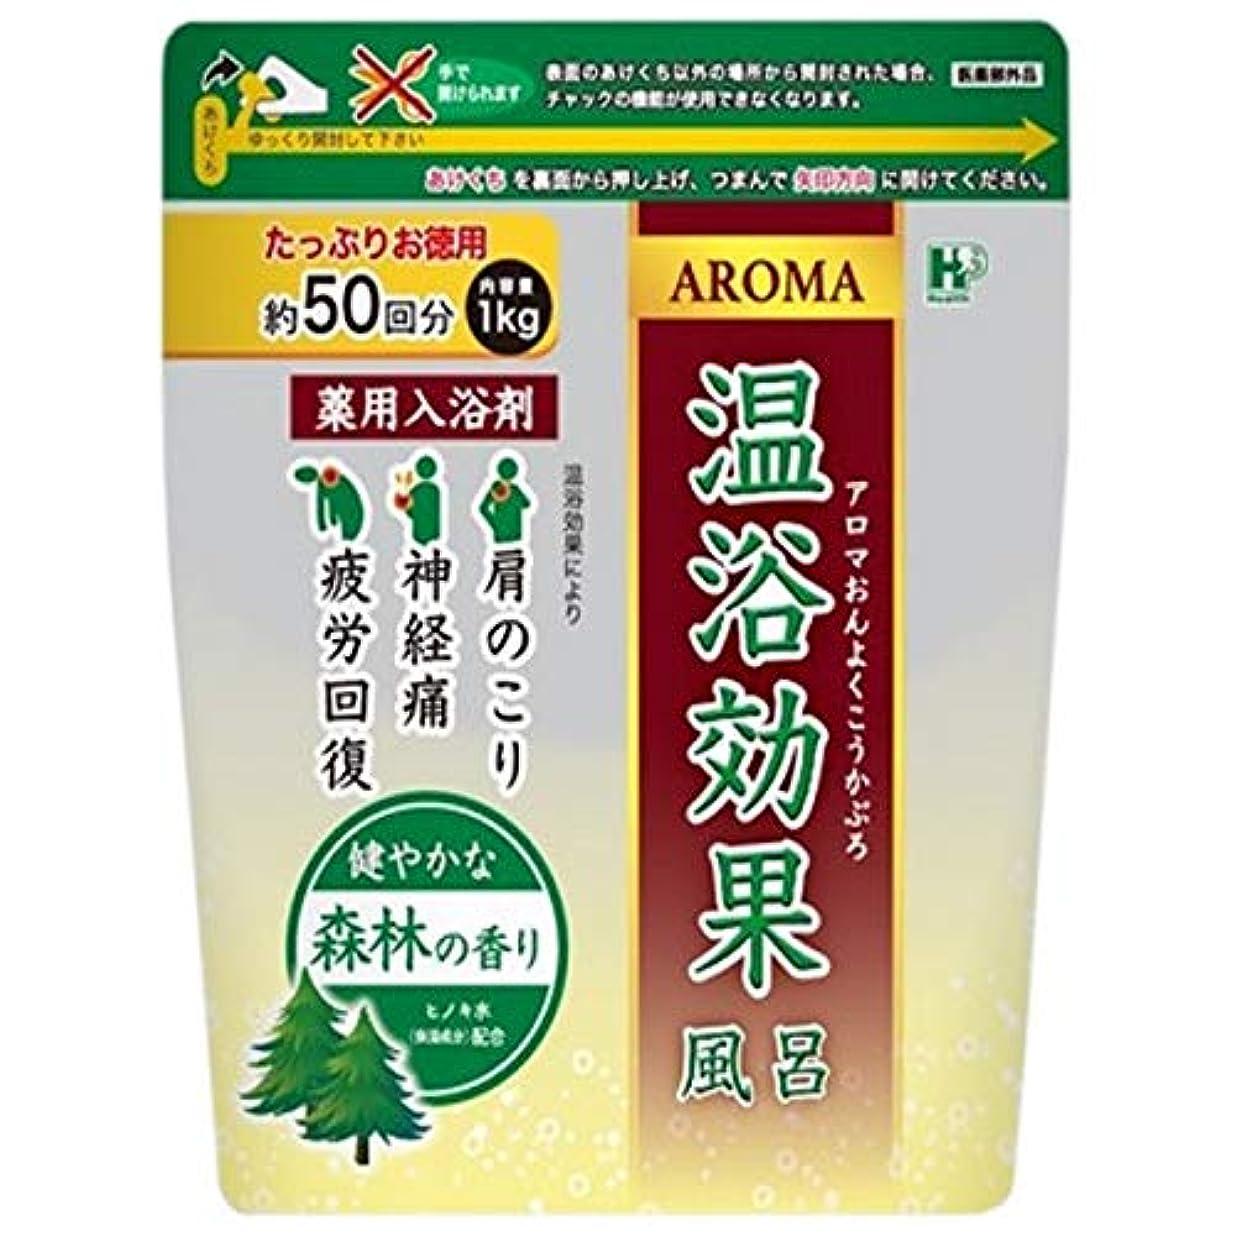 薬用入浴剤 アロマ温浴効果風呂 森林 1kg×10袋入